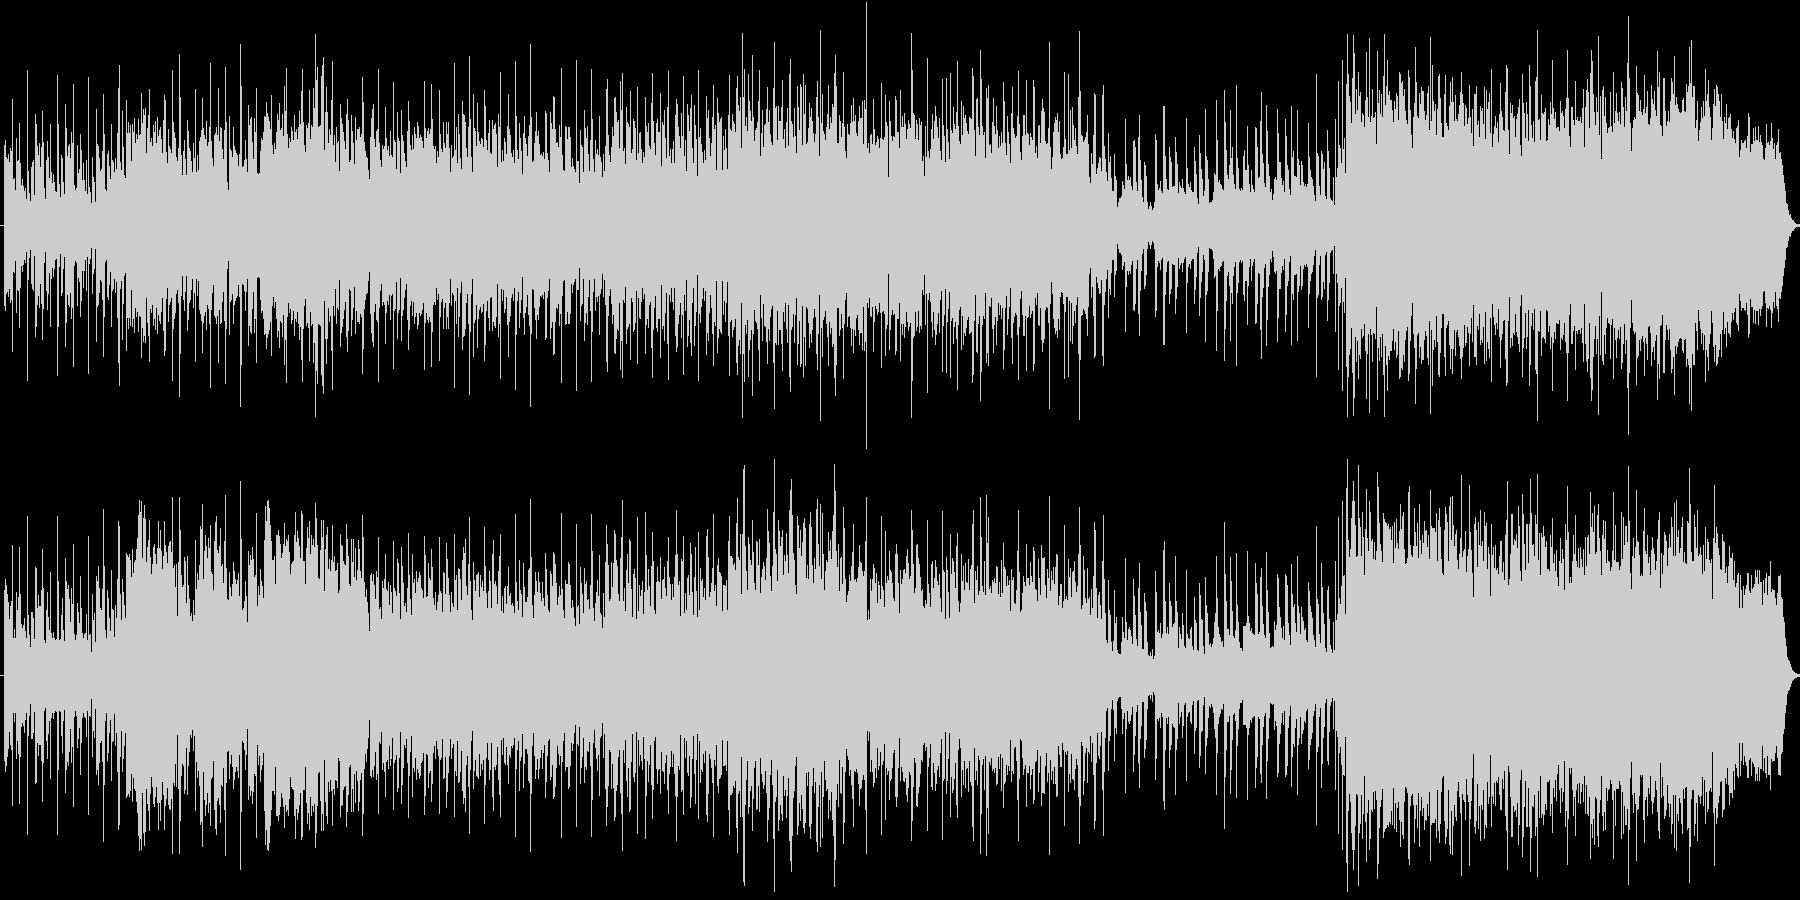 クリスマスソング~ポップスオーケストラ風の未再生の波形